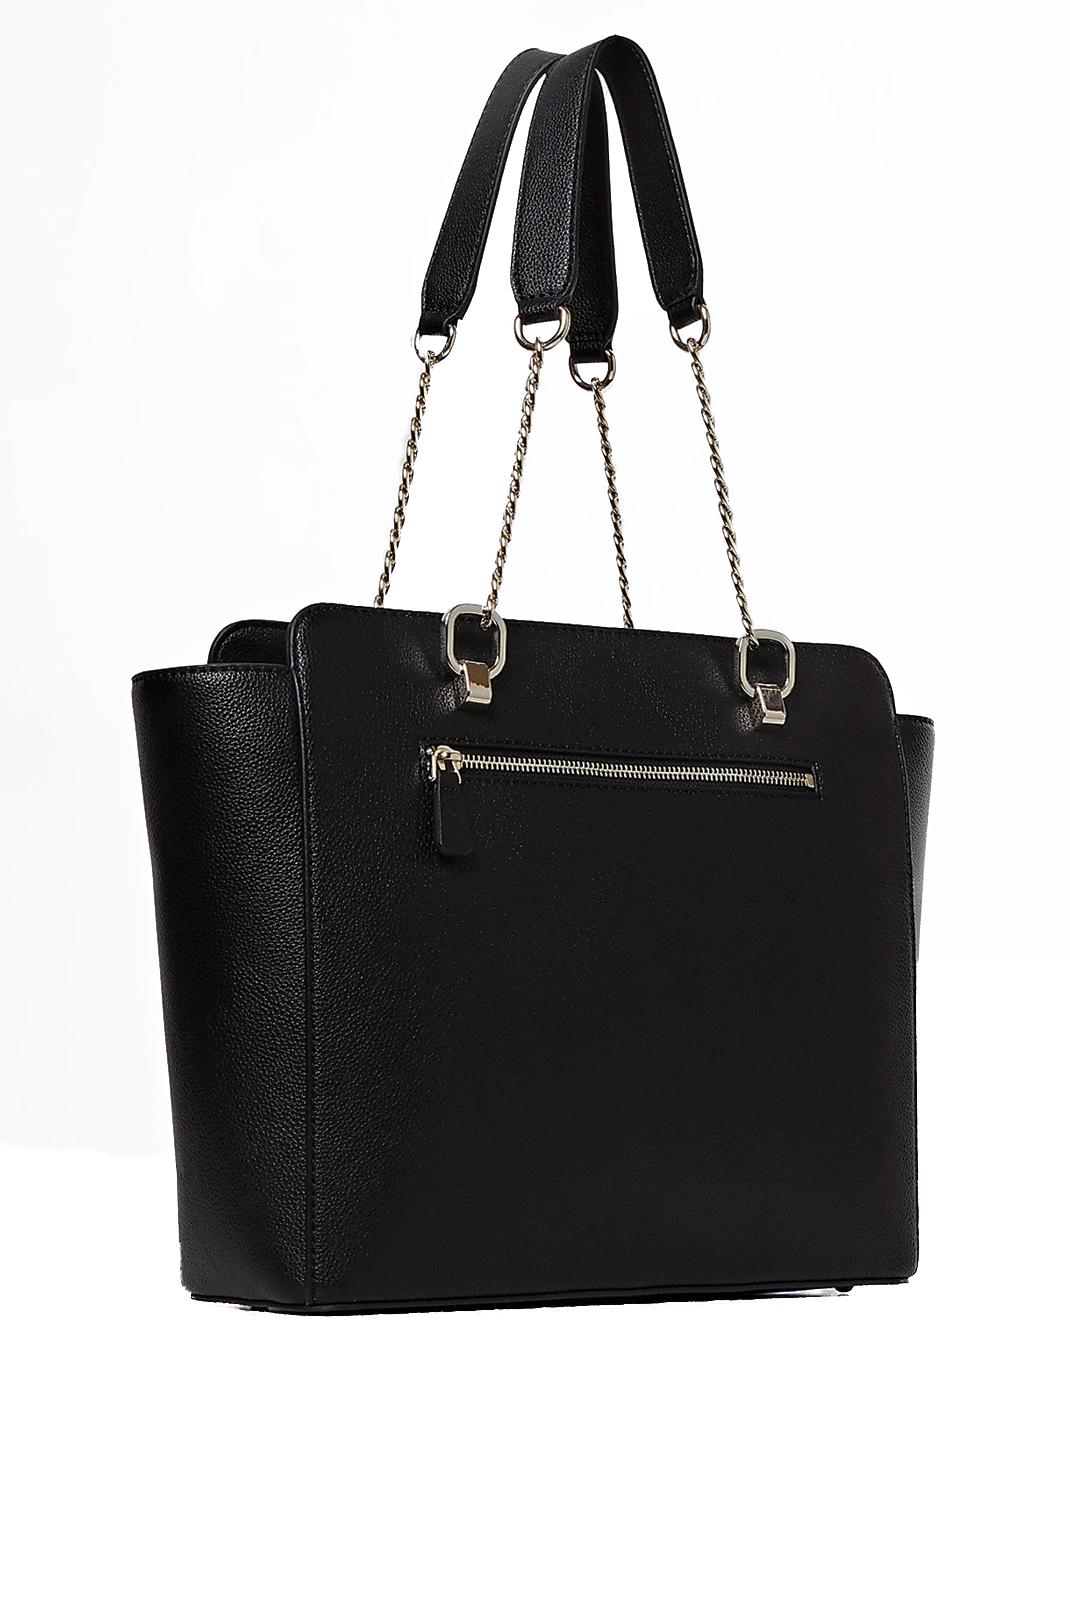 Cabas / Sacs shopping  Guess jeans HWVG75 83230 annarita BLACK